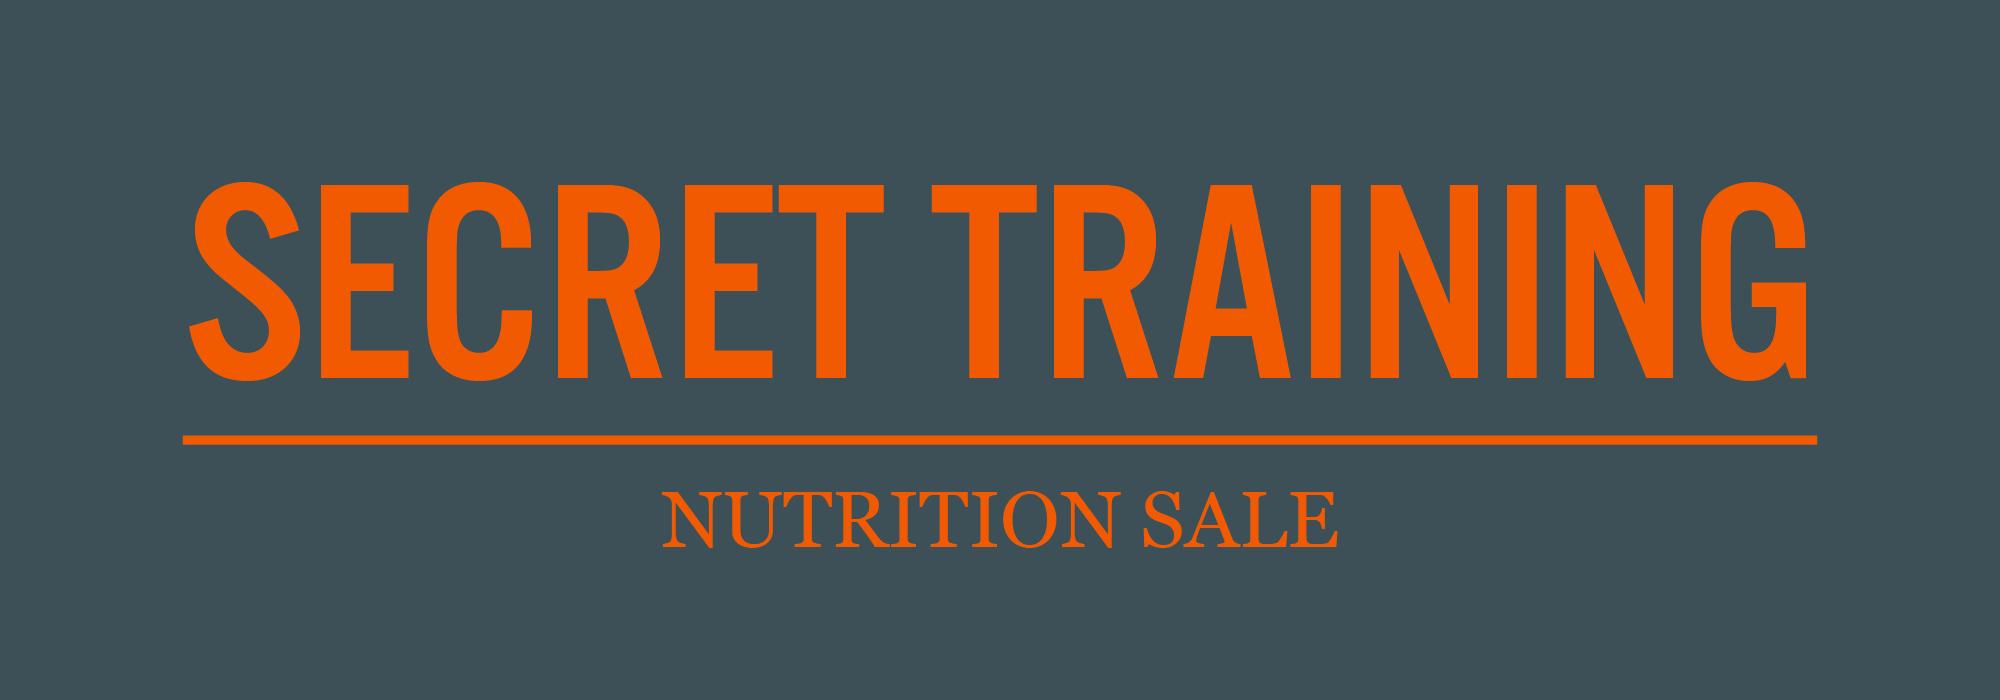 Nutrition Sale